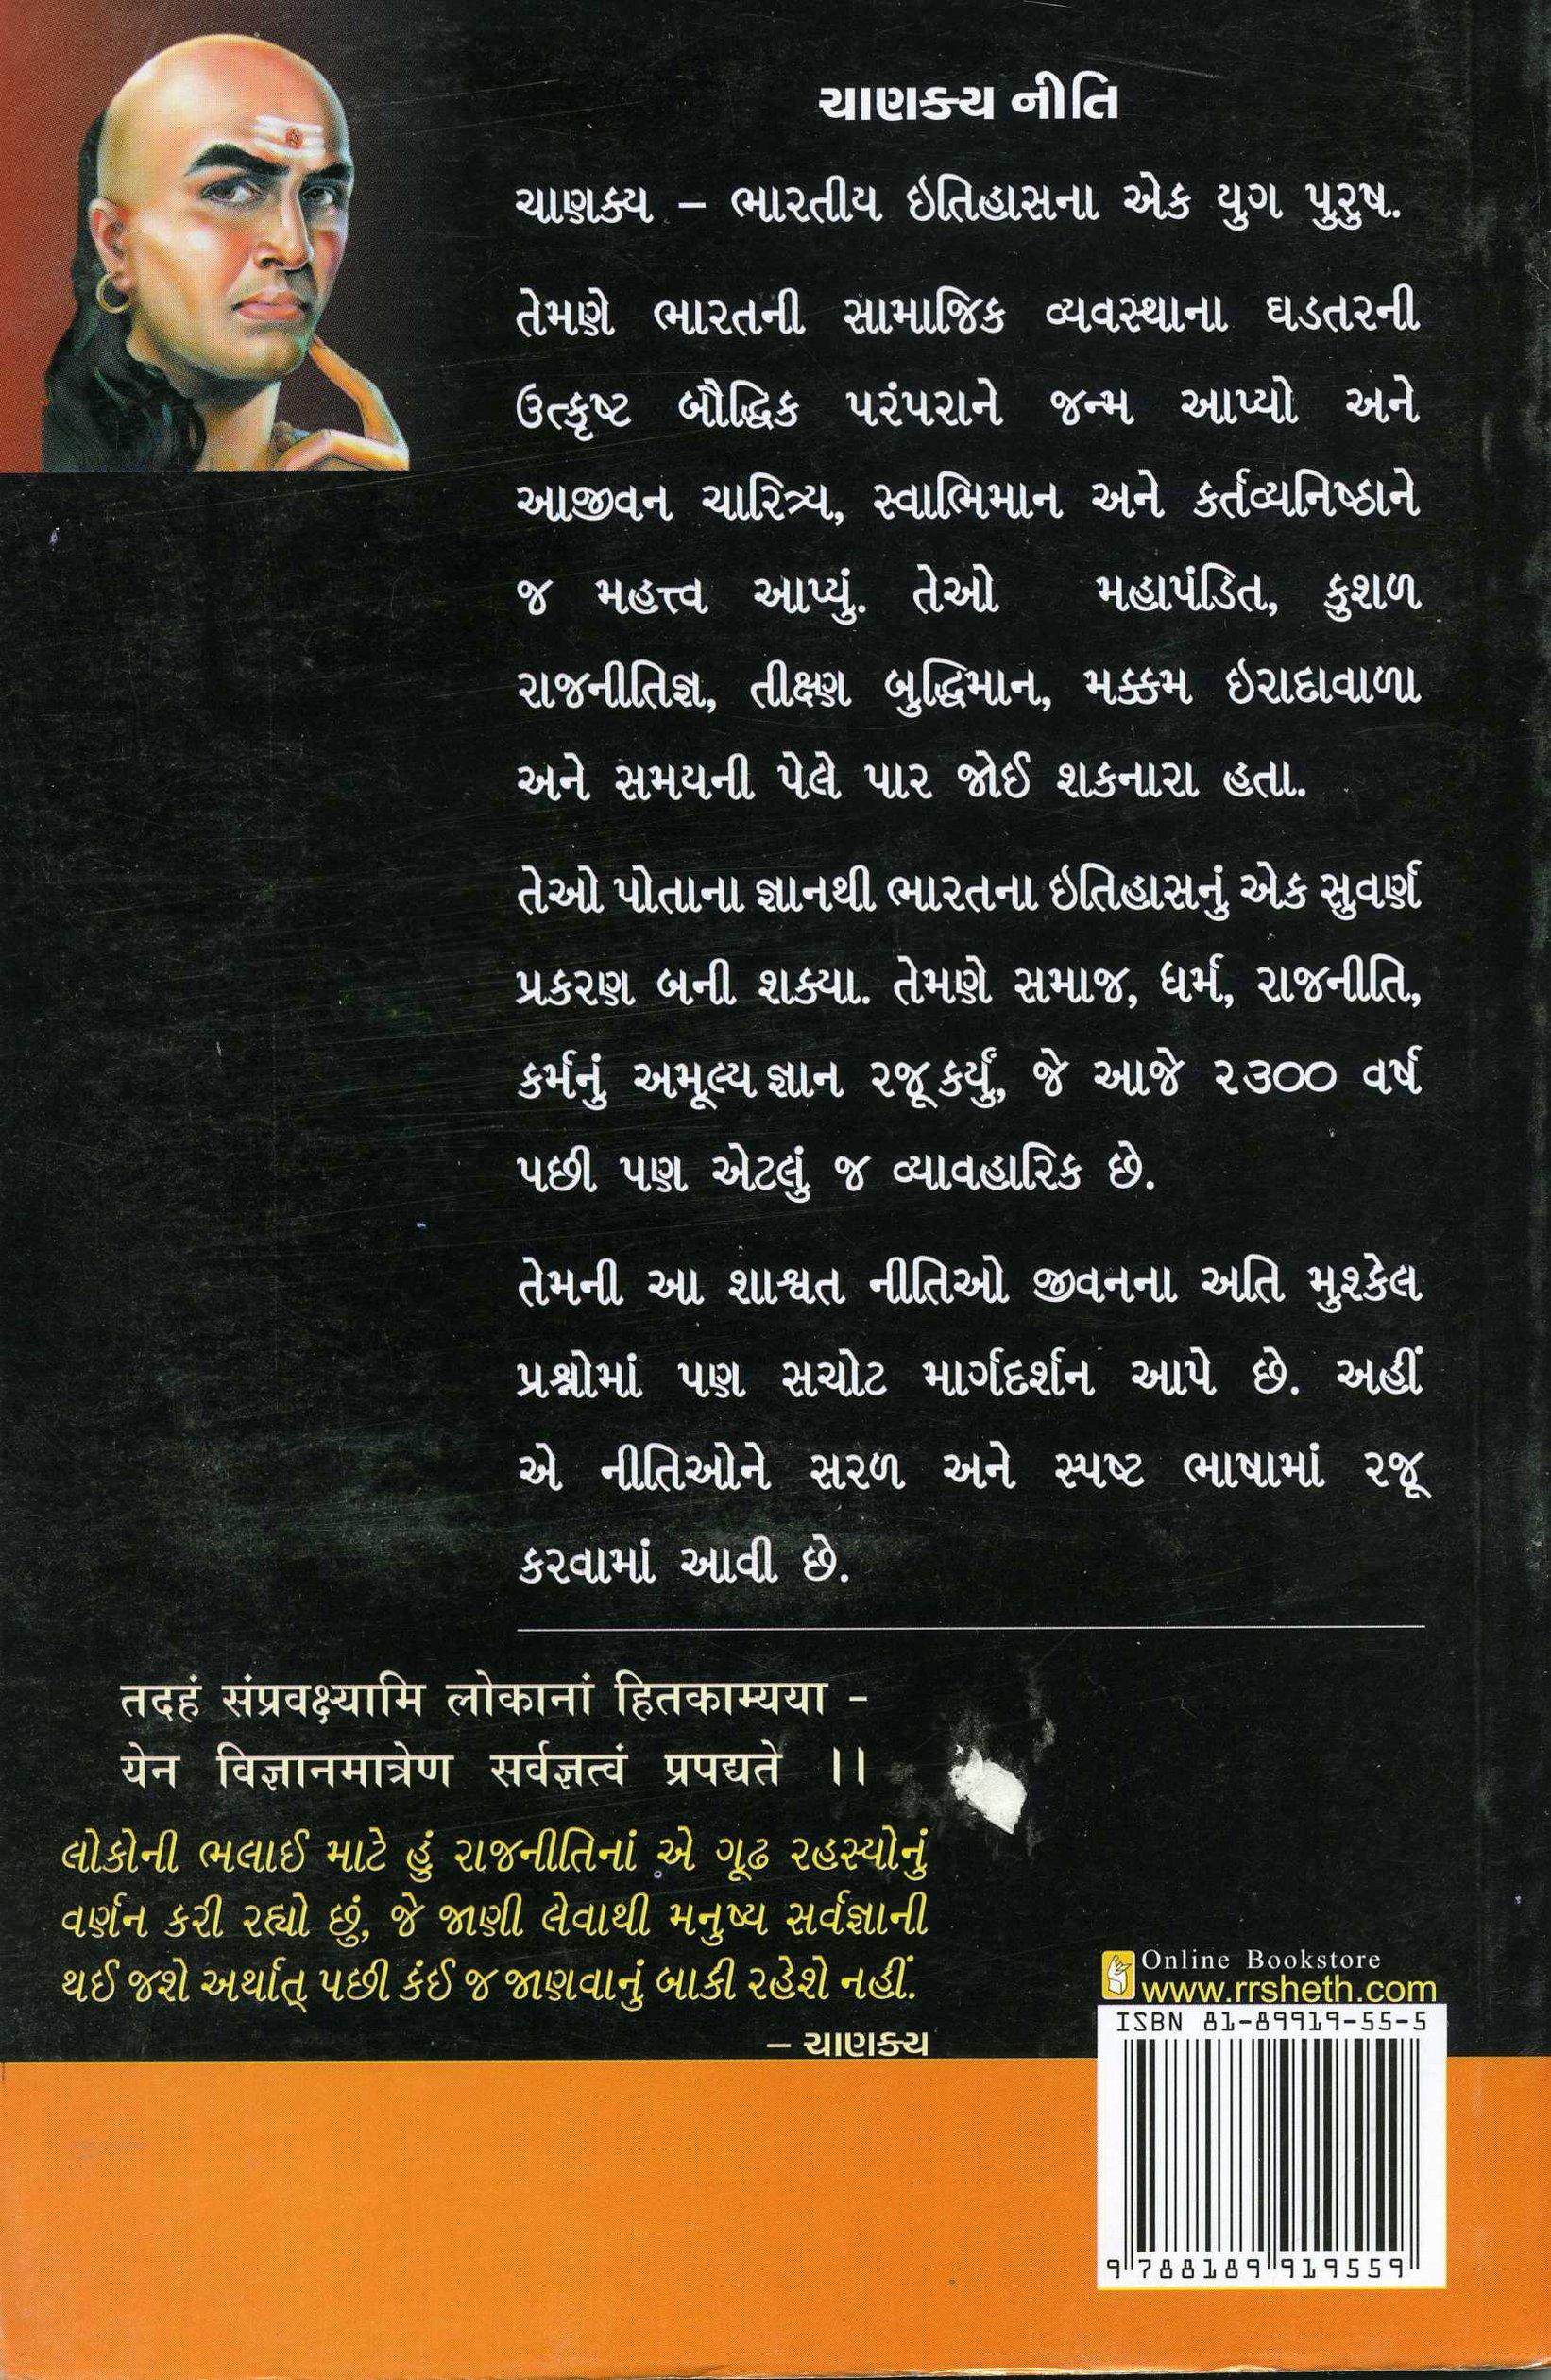 About Chanakya Niti